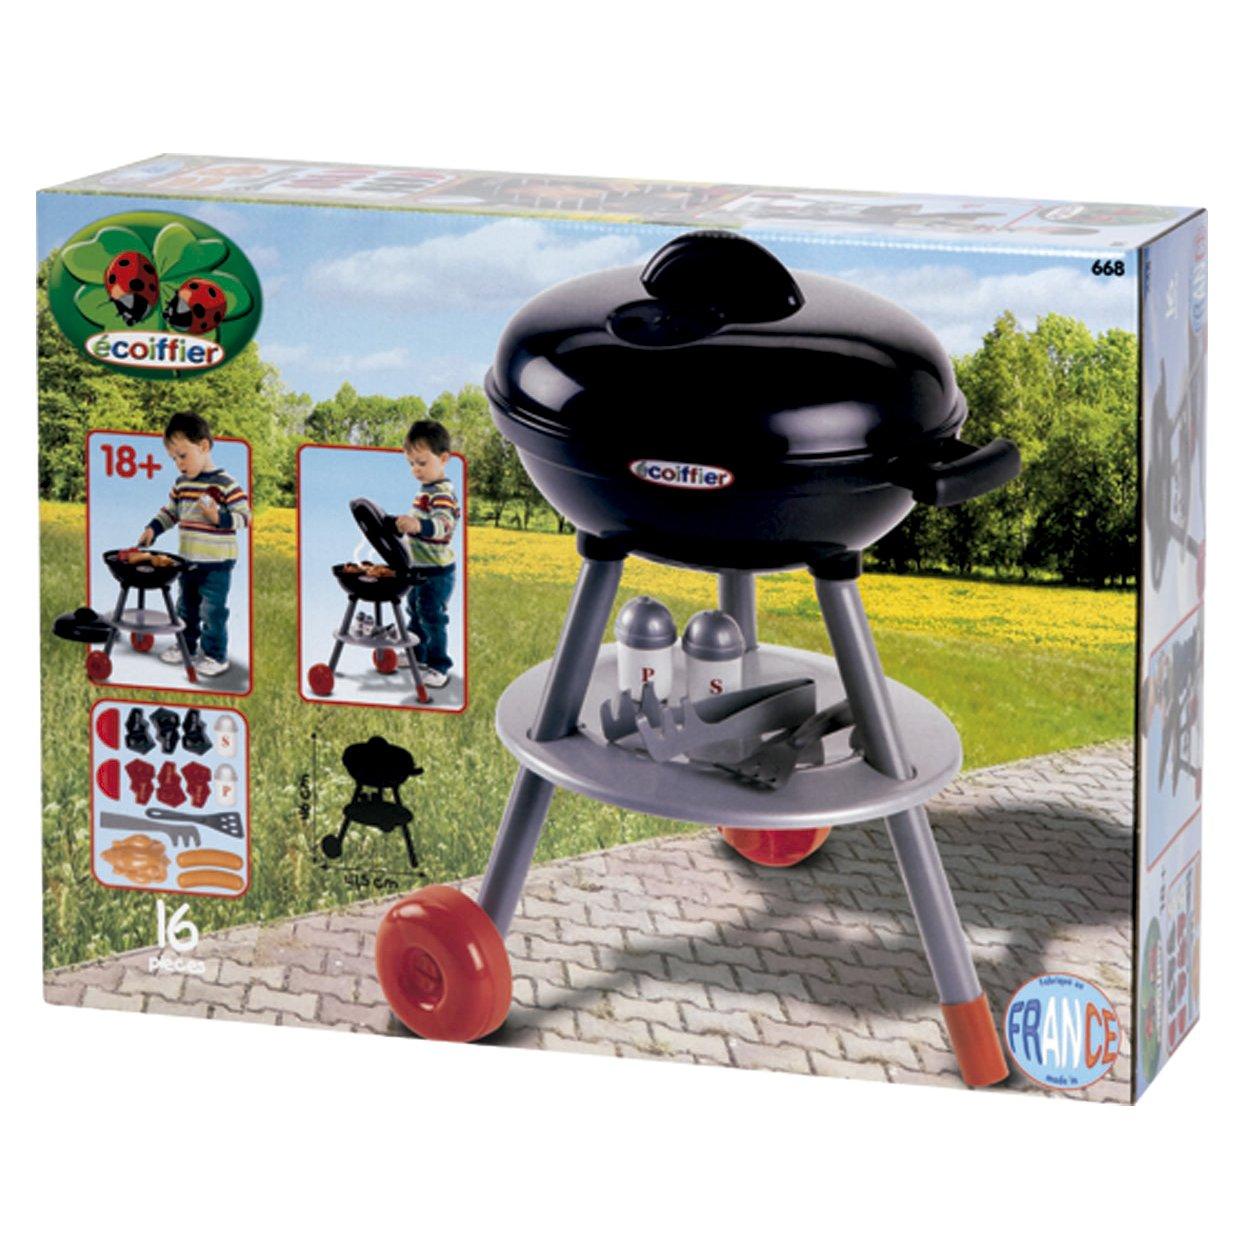 Écoiffier-669 Barbacoa a Gas, (Smoby 669): Mookie: Amazon.es: Juguetes y juegos